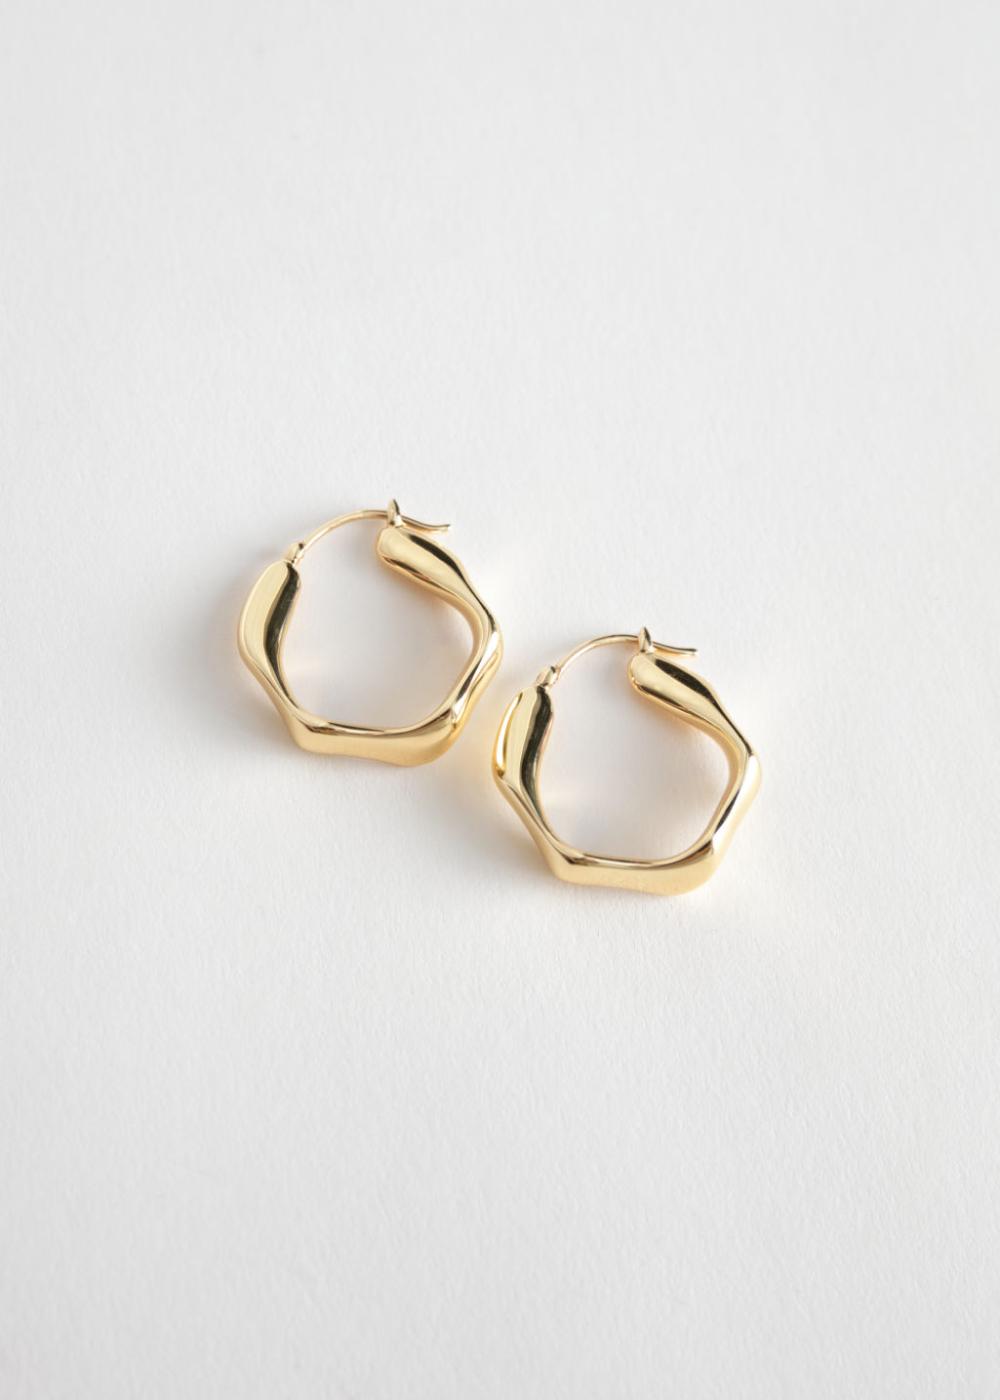 Wavy Hoop Earrings Stud Earrings Earrings Gold Hoop Earrings